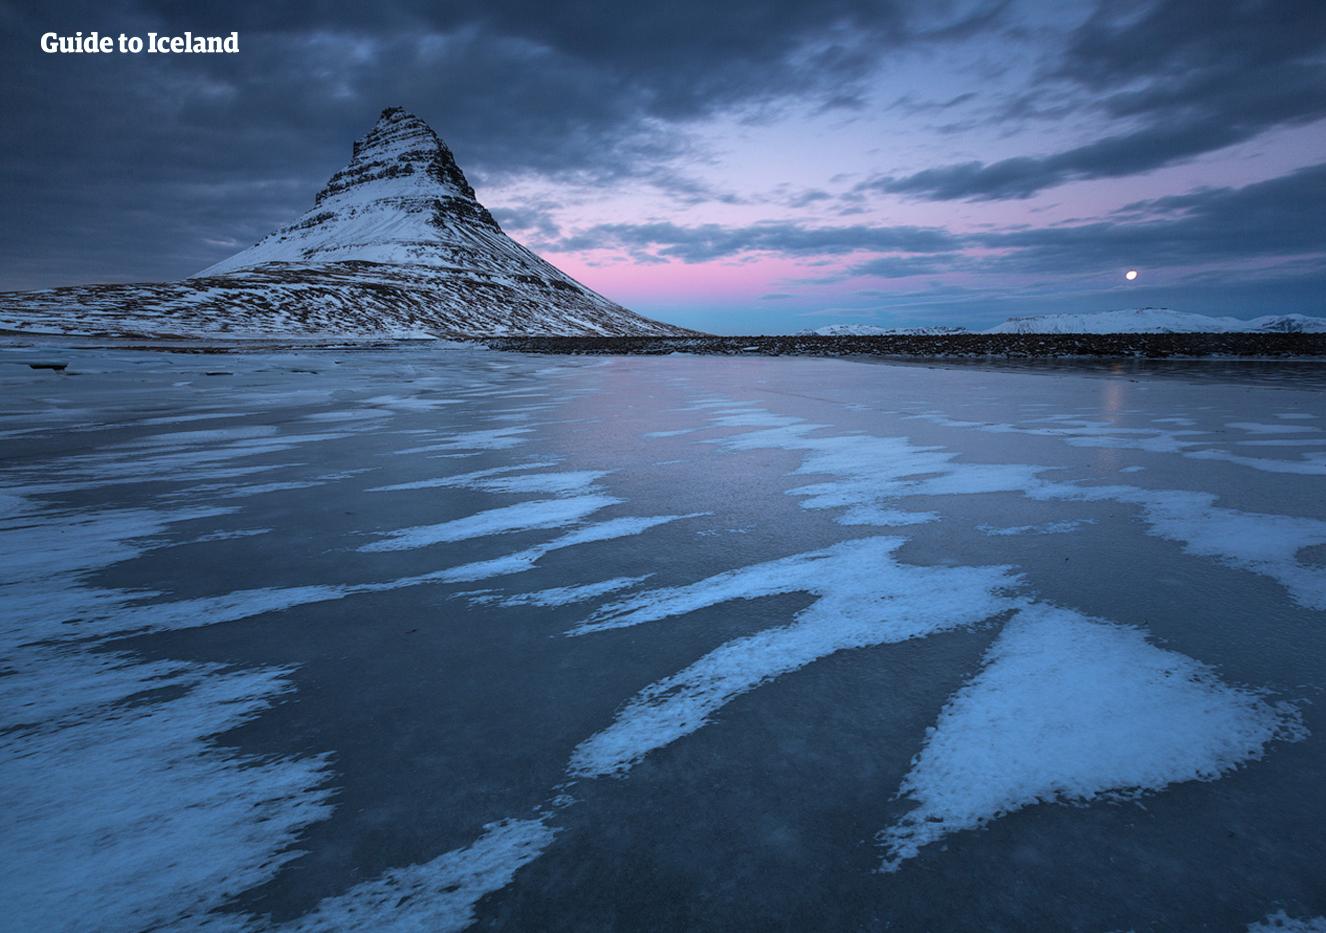 """La penisola di Snæfellsnes, o """"Islanda in miniatura"""", è sempre bella, ma è un po' più mistica in inverno."""